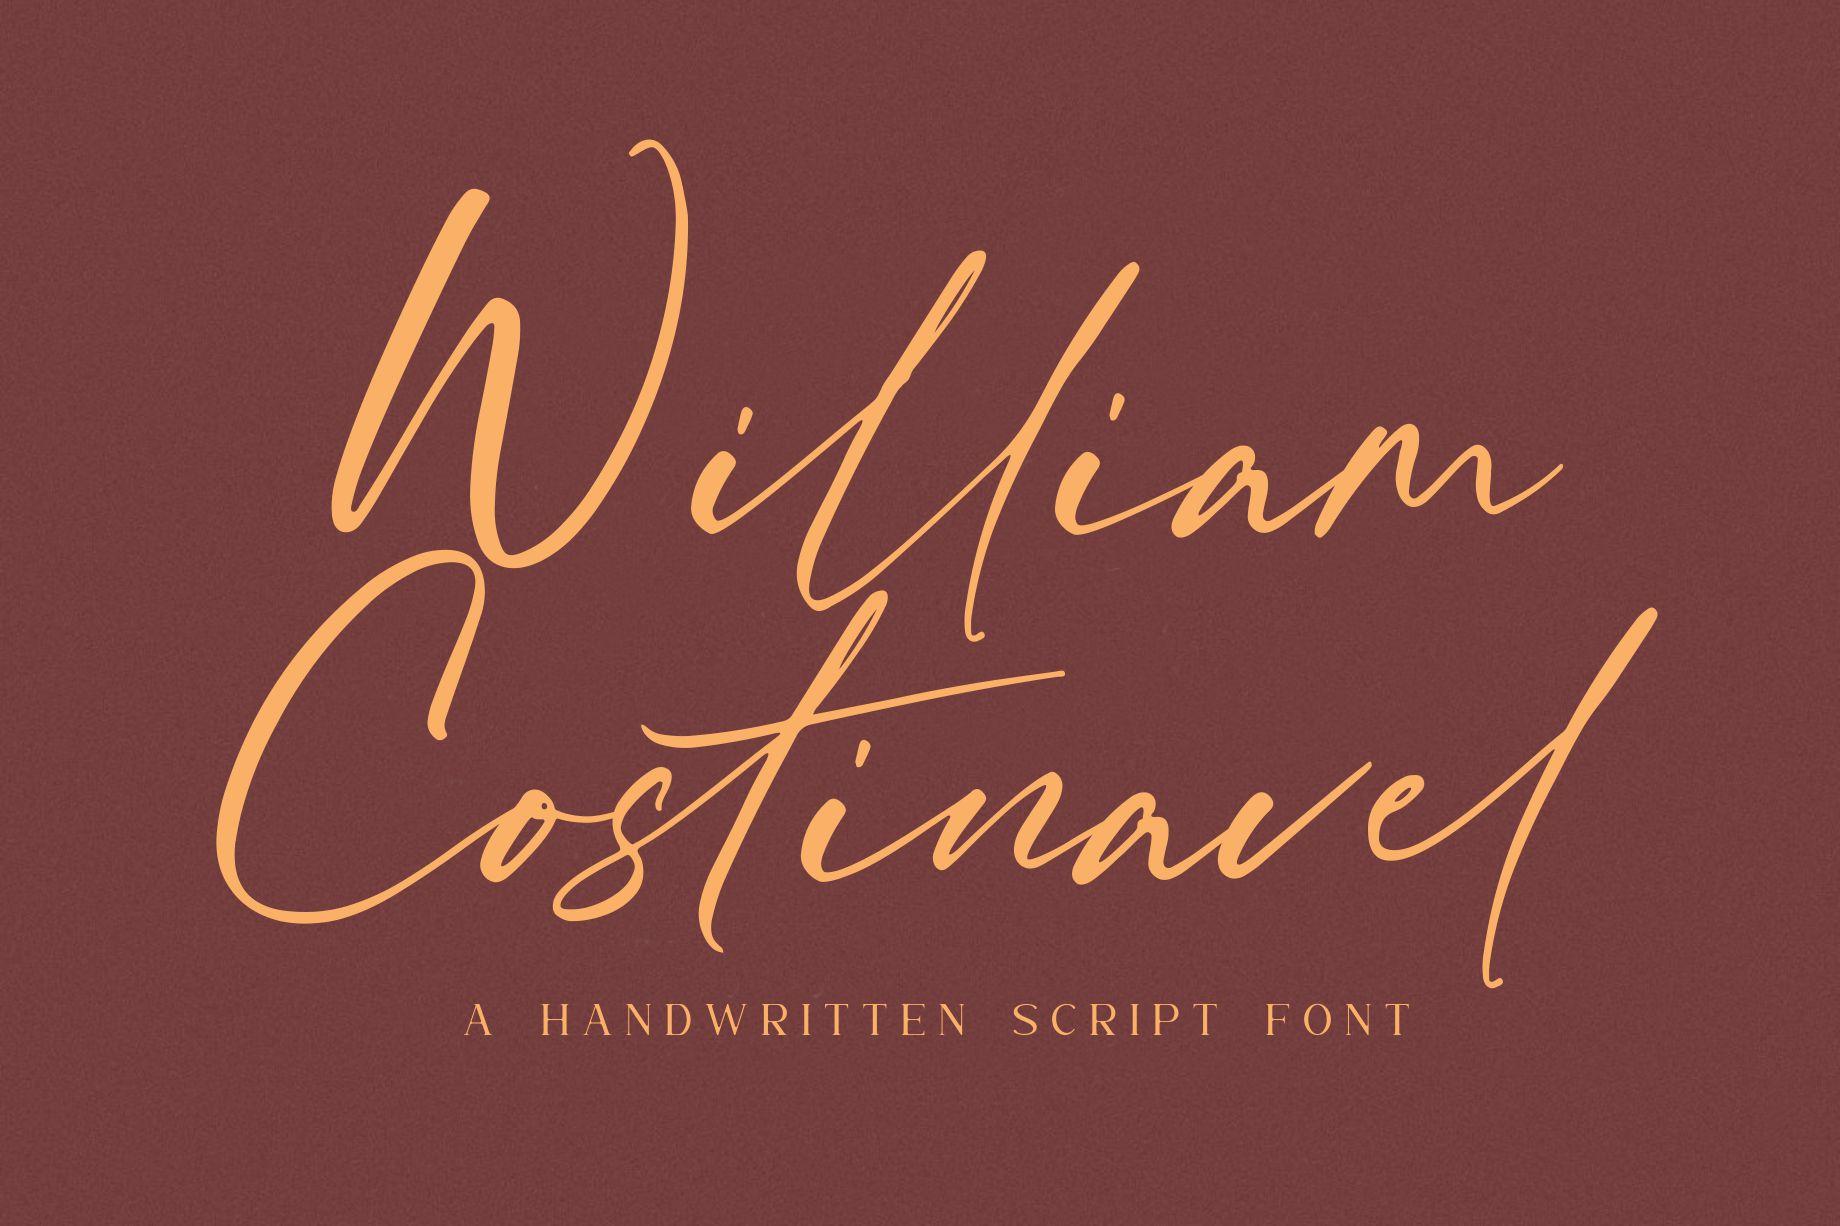 William Costinavel Handwritten Script Font-1